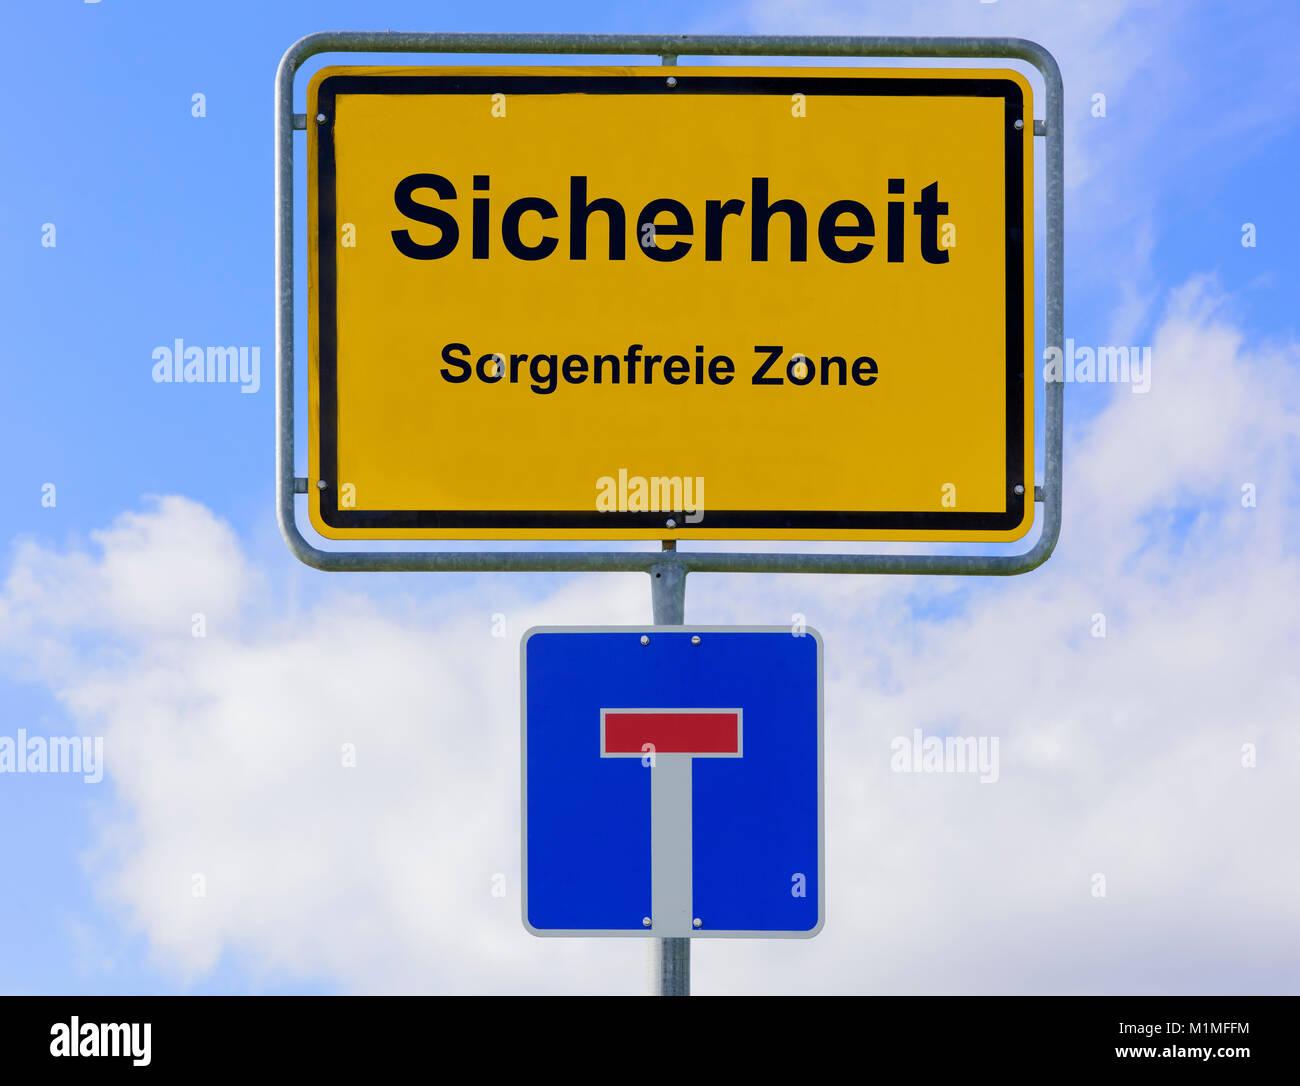 Sicherheit in der sorgenfreien Zone auf Ortsschild - Stock Image